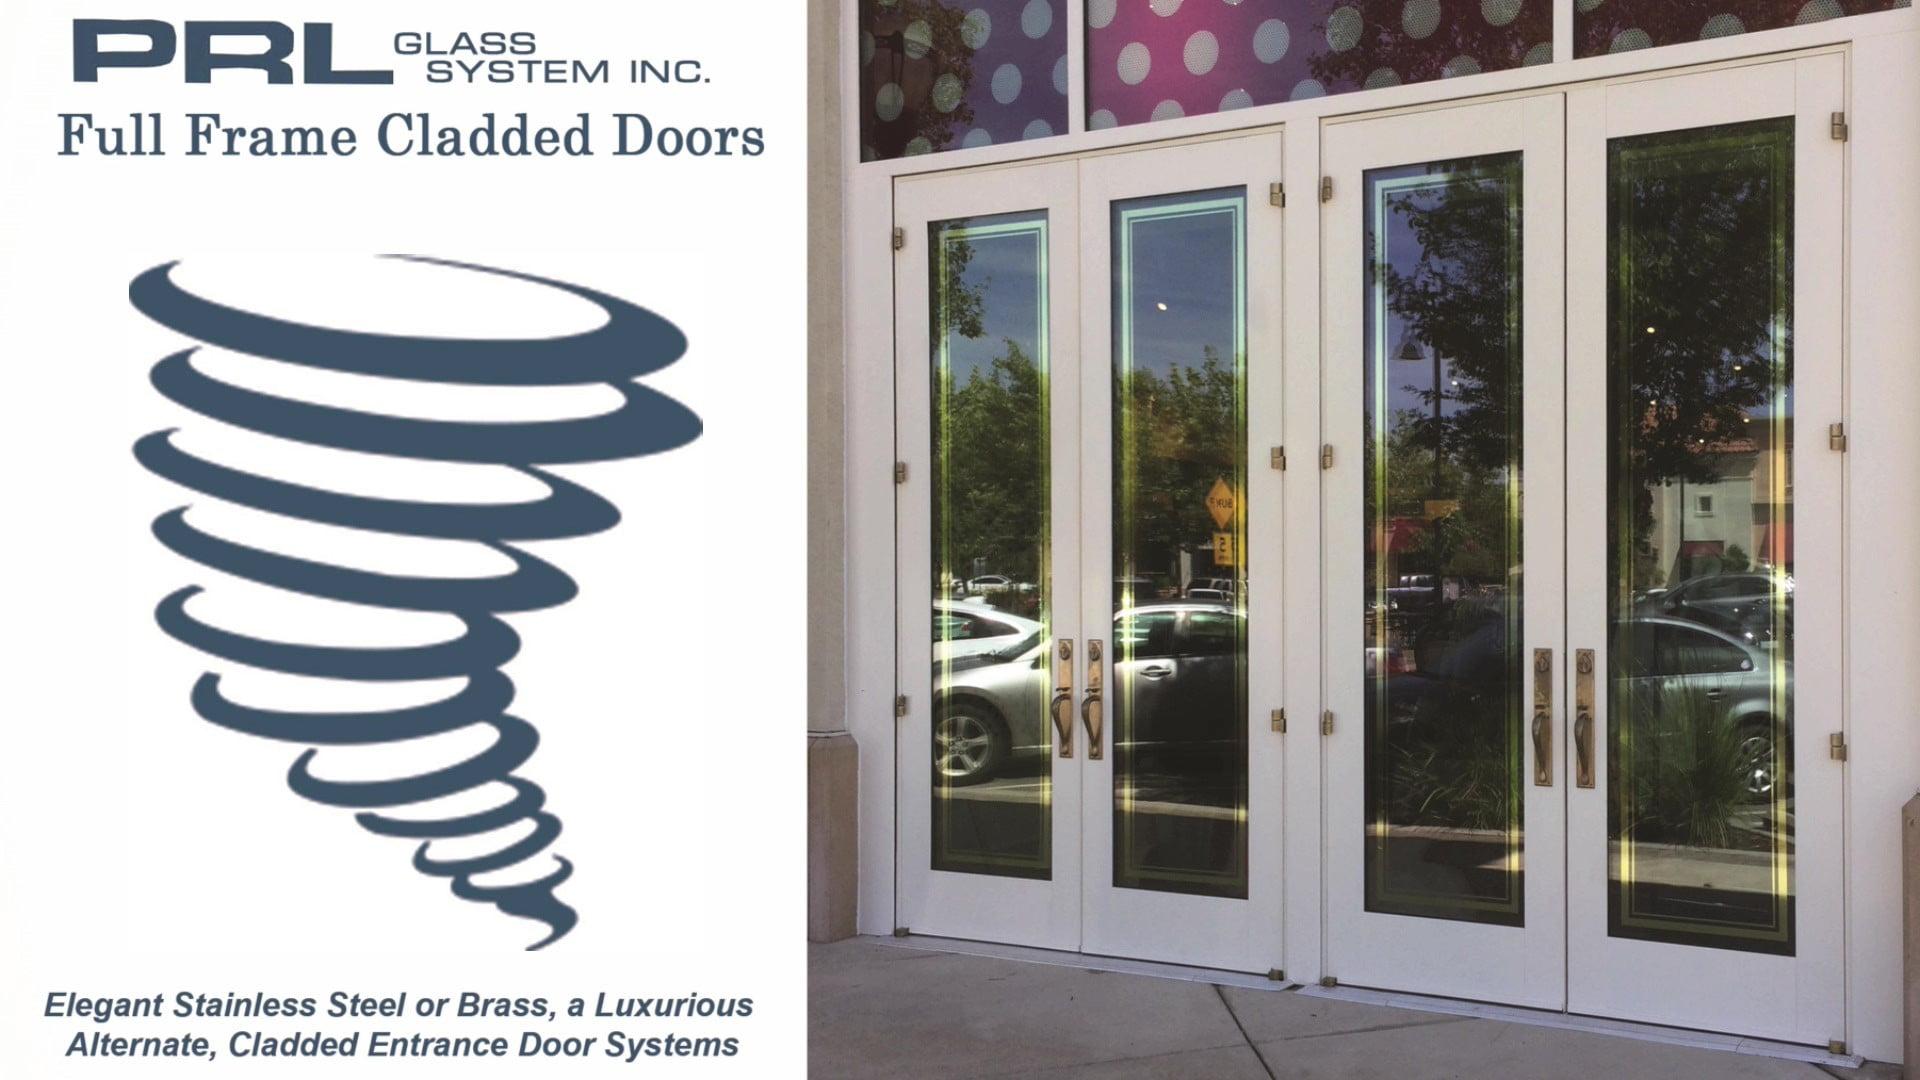 Full Frame Cladded Doors Video